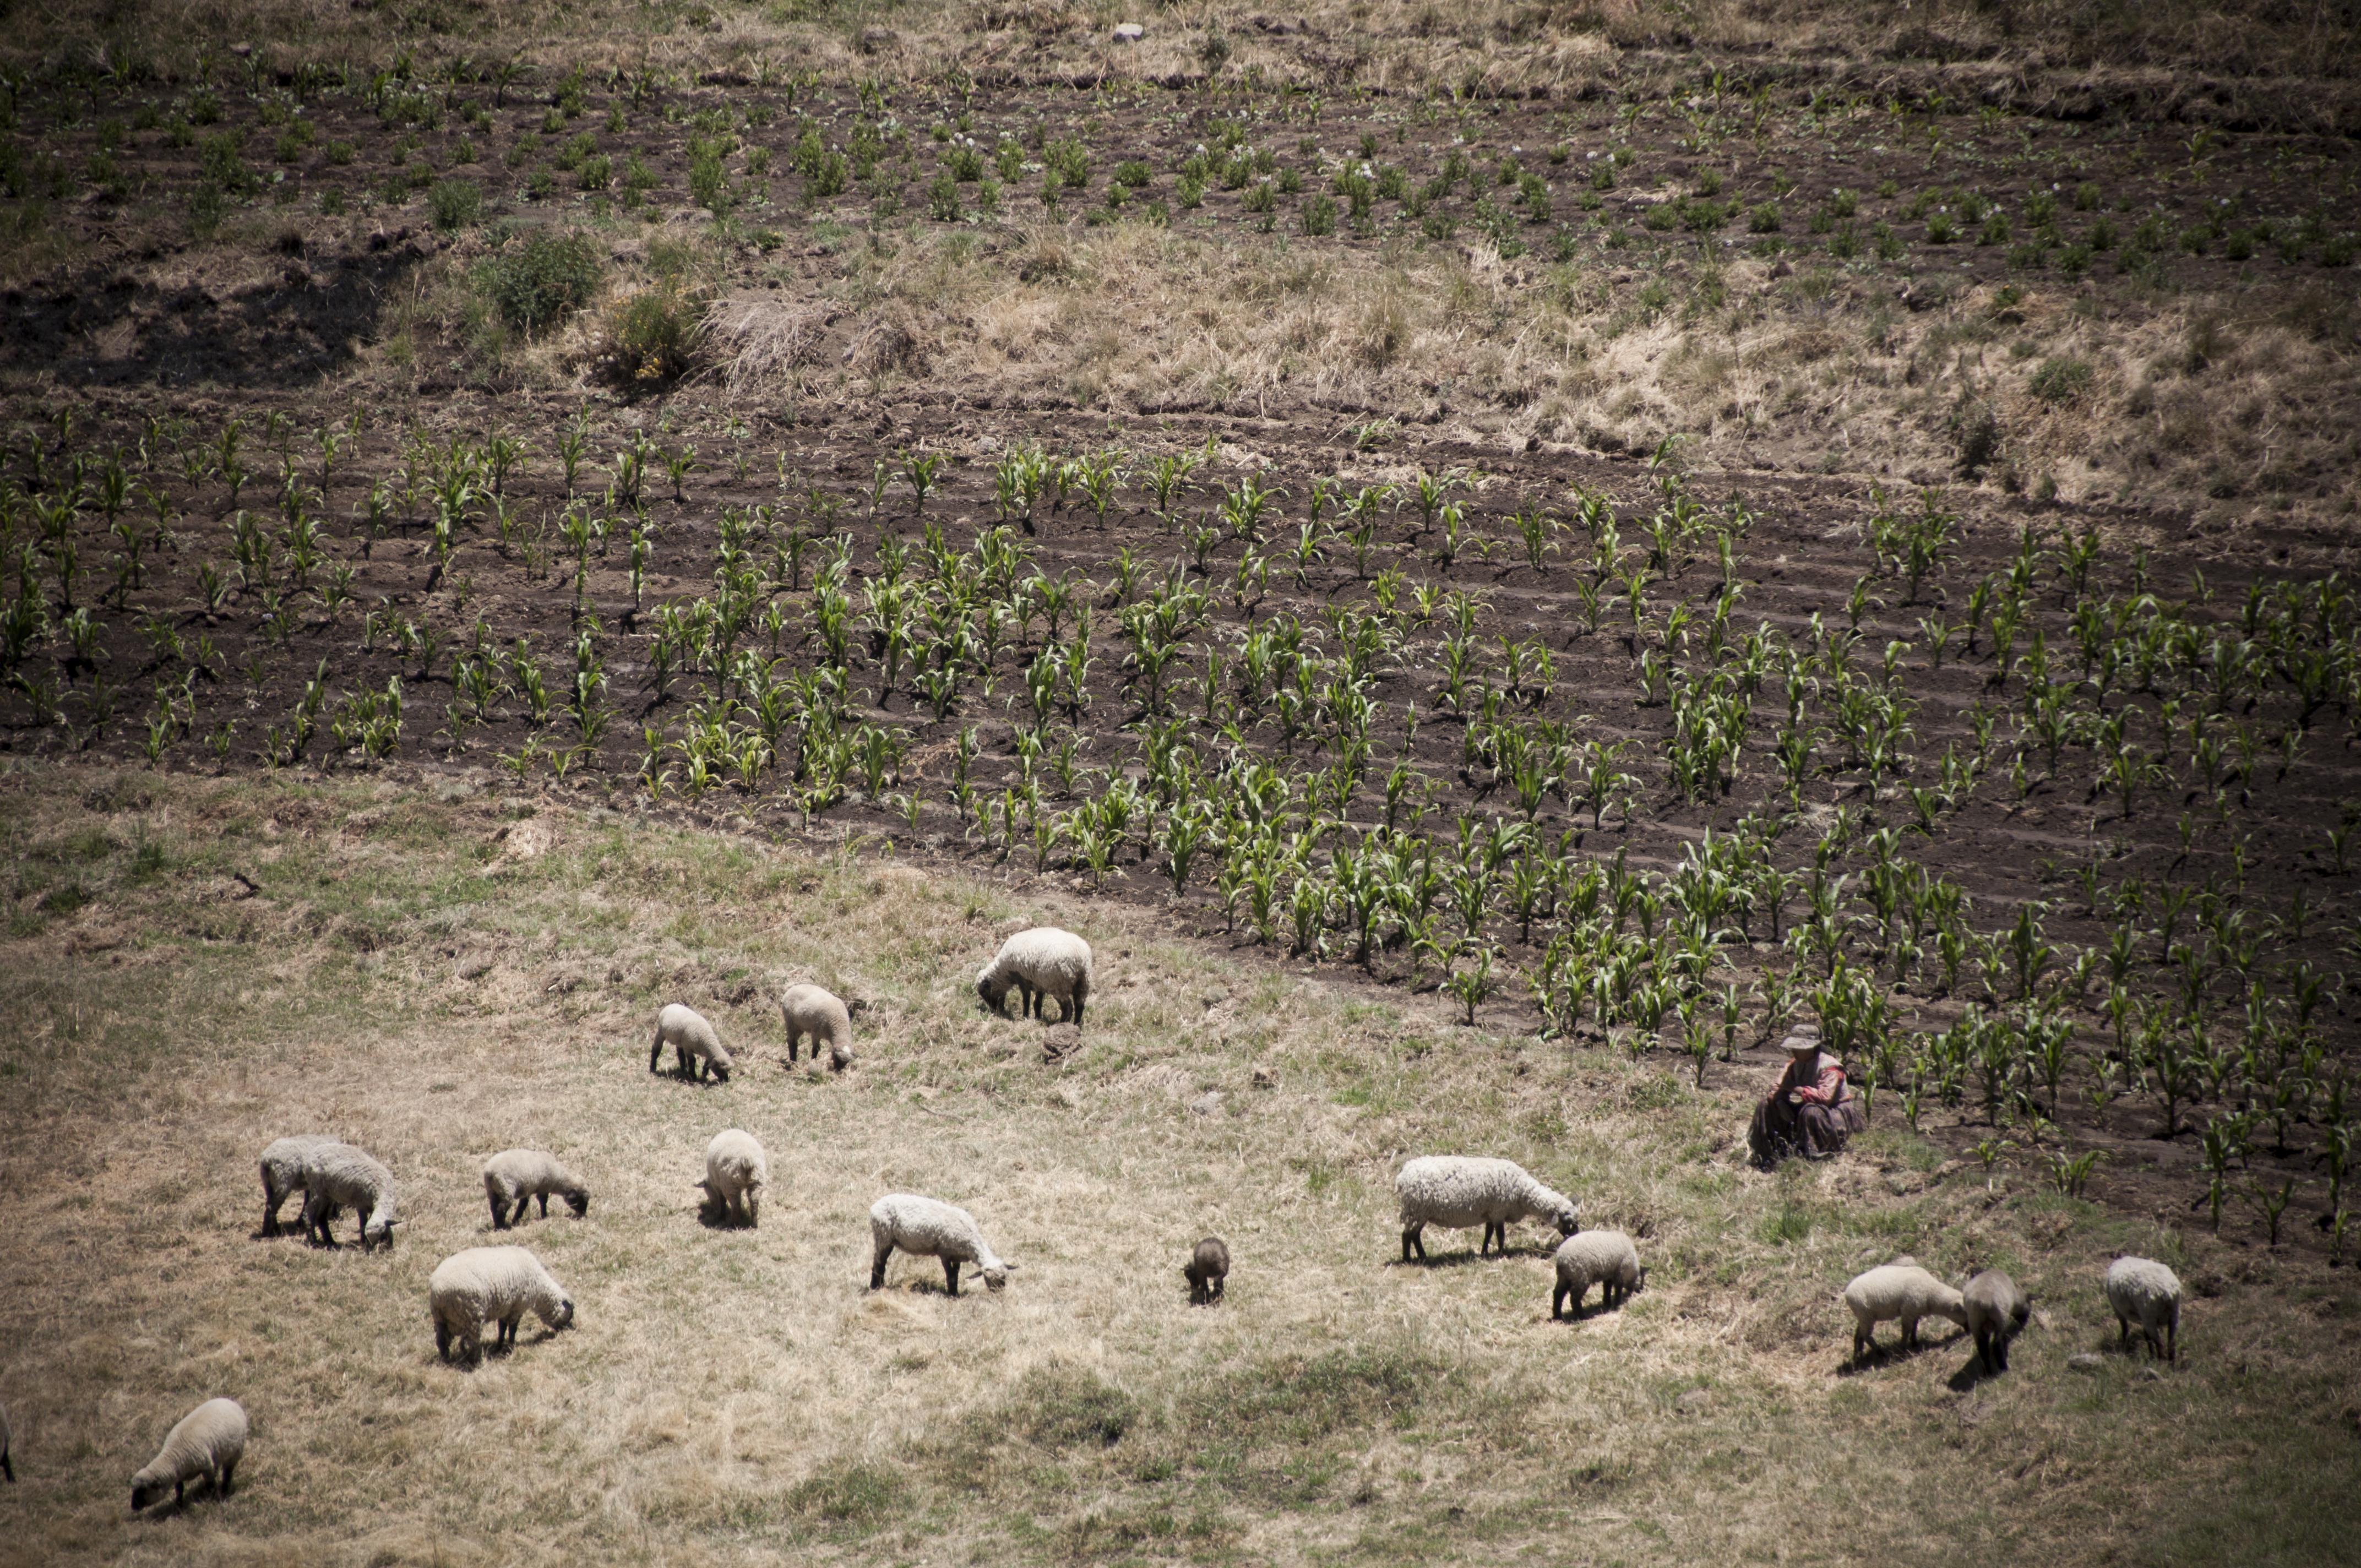 Peru 2013 Cañon del Colca Mirador del condor_ Cabanaconde4